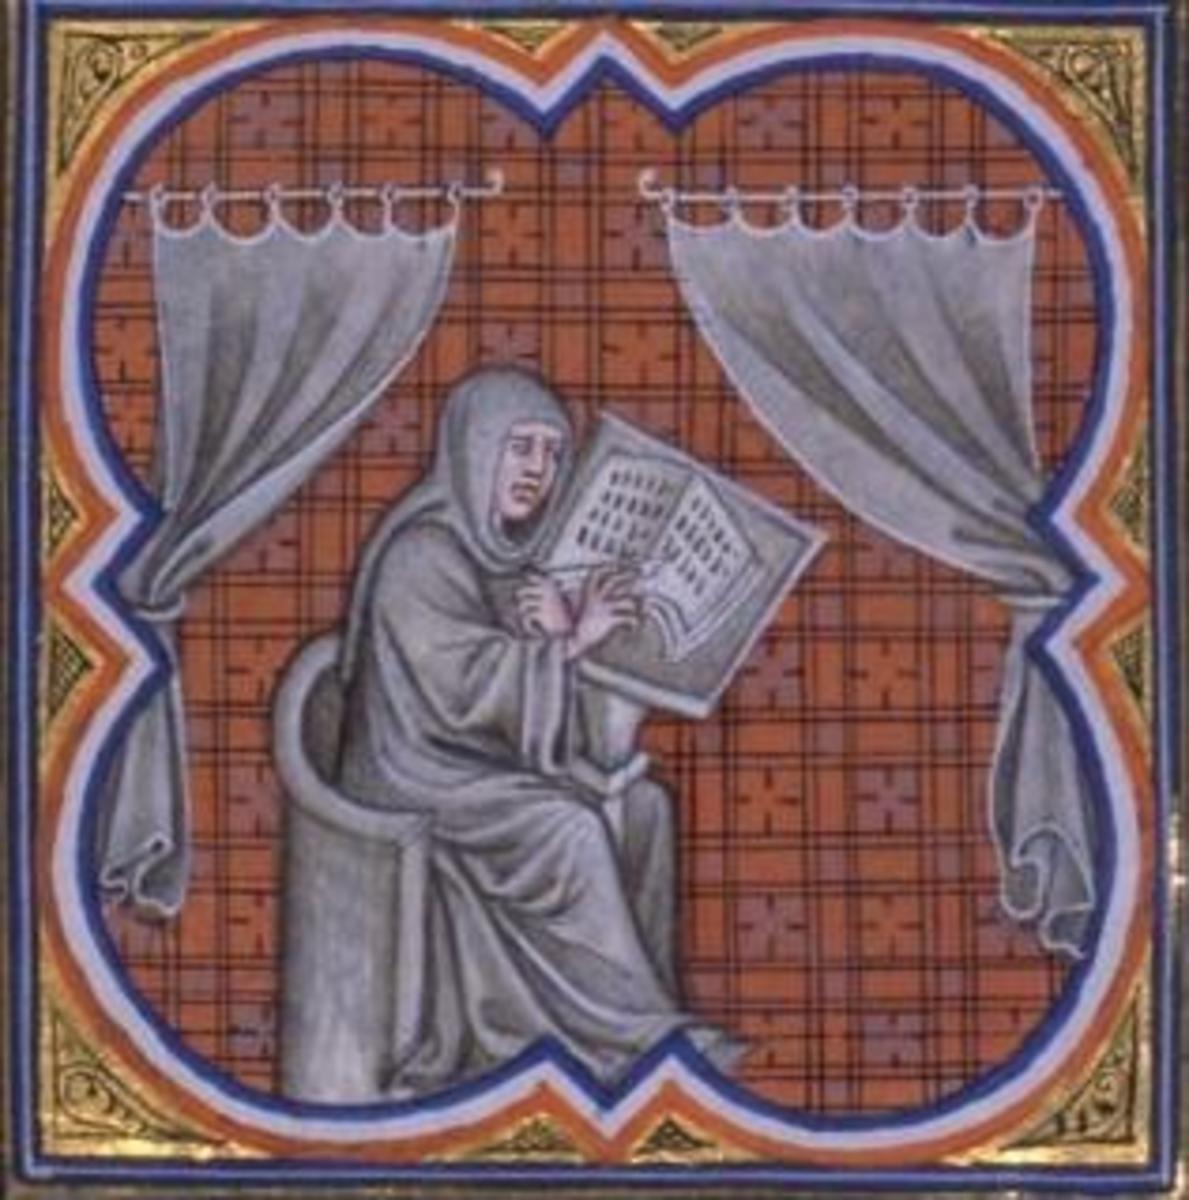 Einhard the scribe